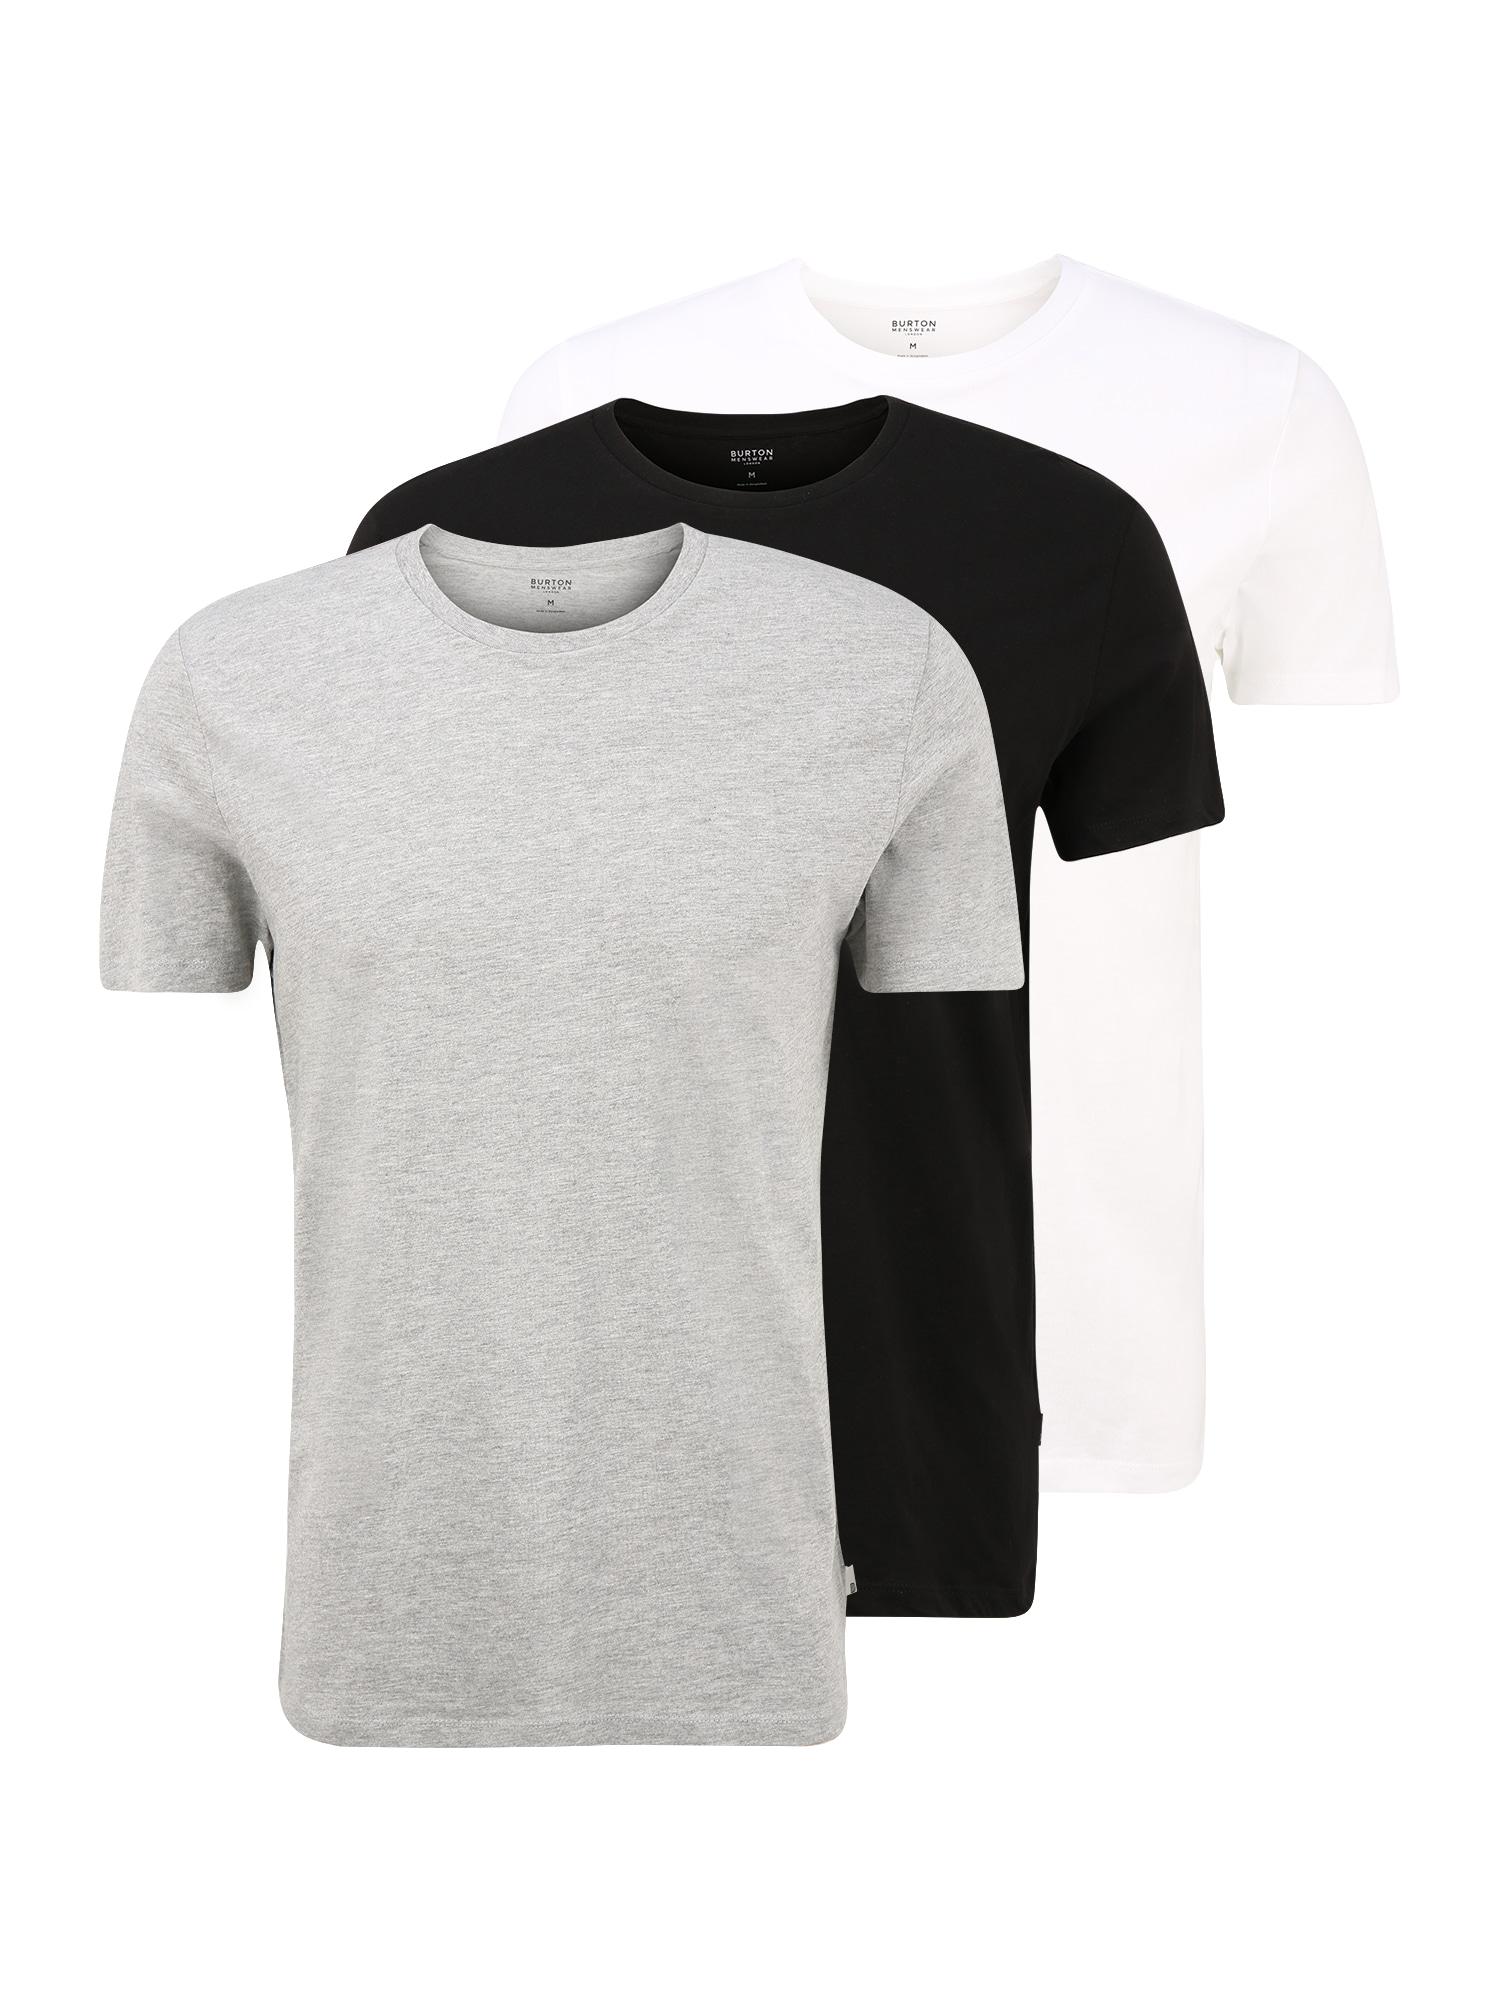 BURTON MENSWEAR LONDON Apatiniai marškinėliai juoda / margai pilka / balta